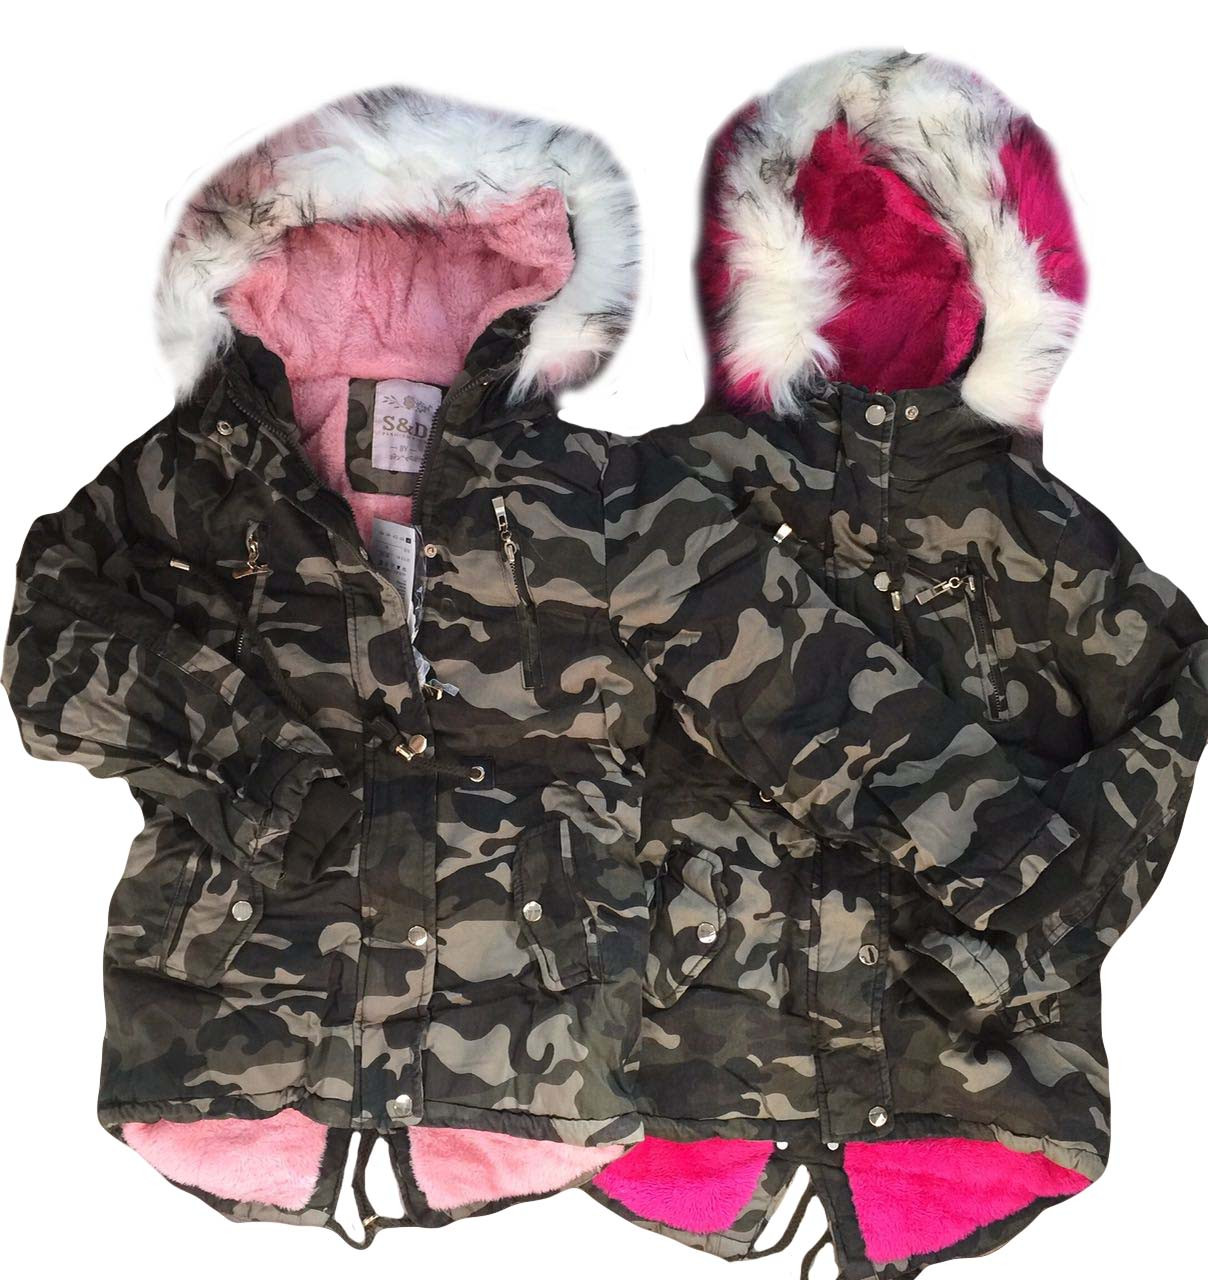 Куртки з хутром для дівчаток оптом розміри 8-16 років, S&D арт. KF 101